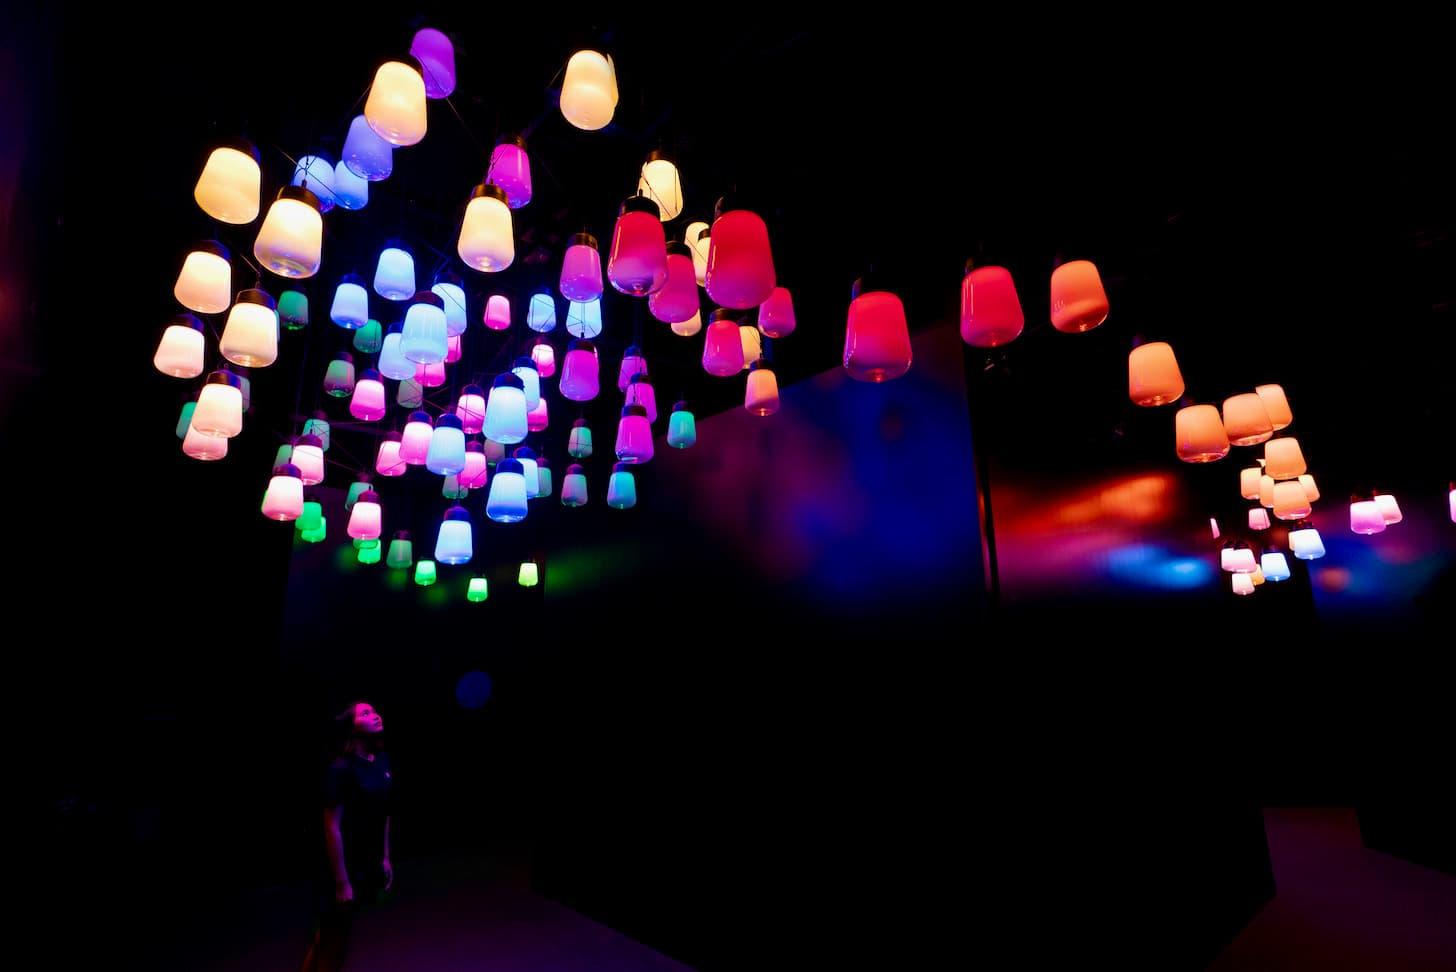 呼応するランプとアレイとスパイラル - ワンストローク, Metropolis Tokyo / Array and Spiral of Resonating Lamps - One Stroke, Metropolis Tokyo